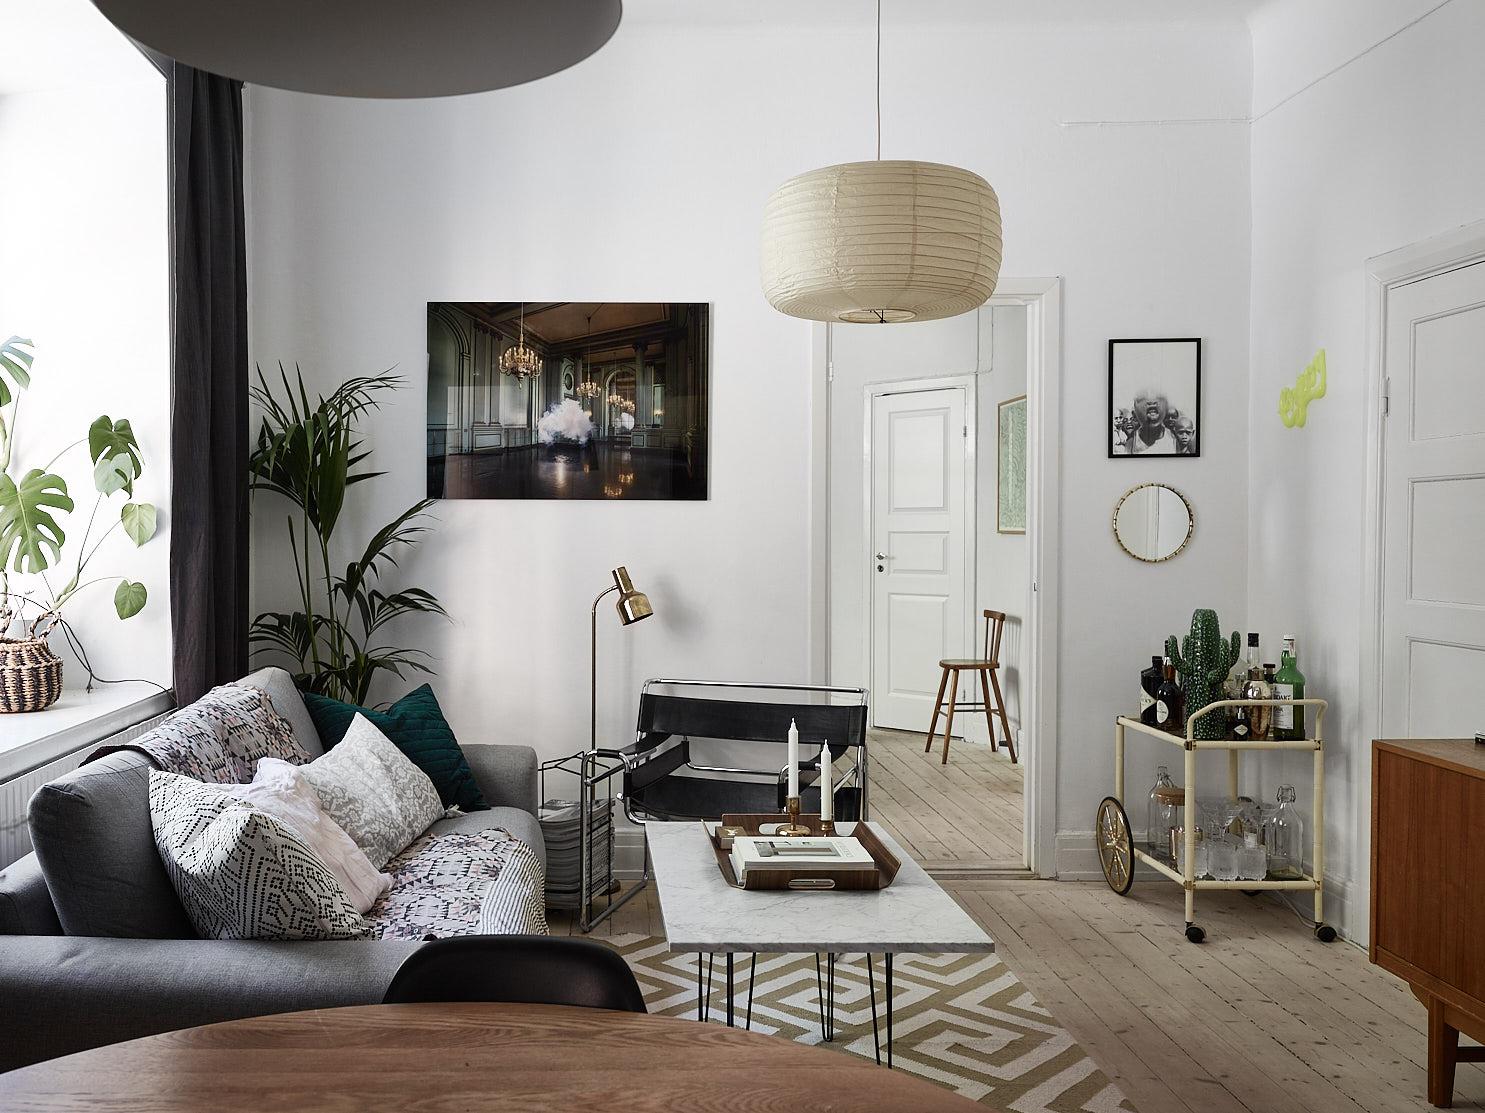 гостиная диван кресло журнальный столик ковер